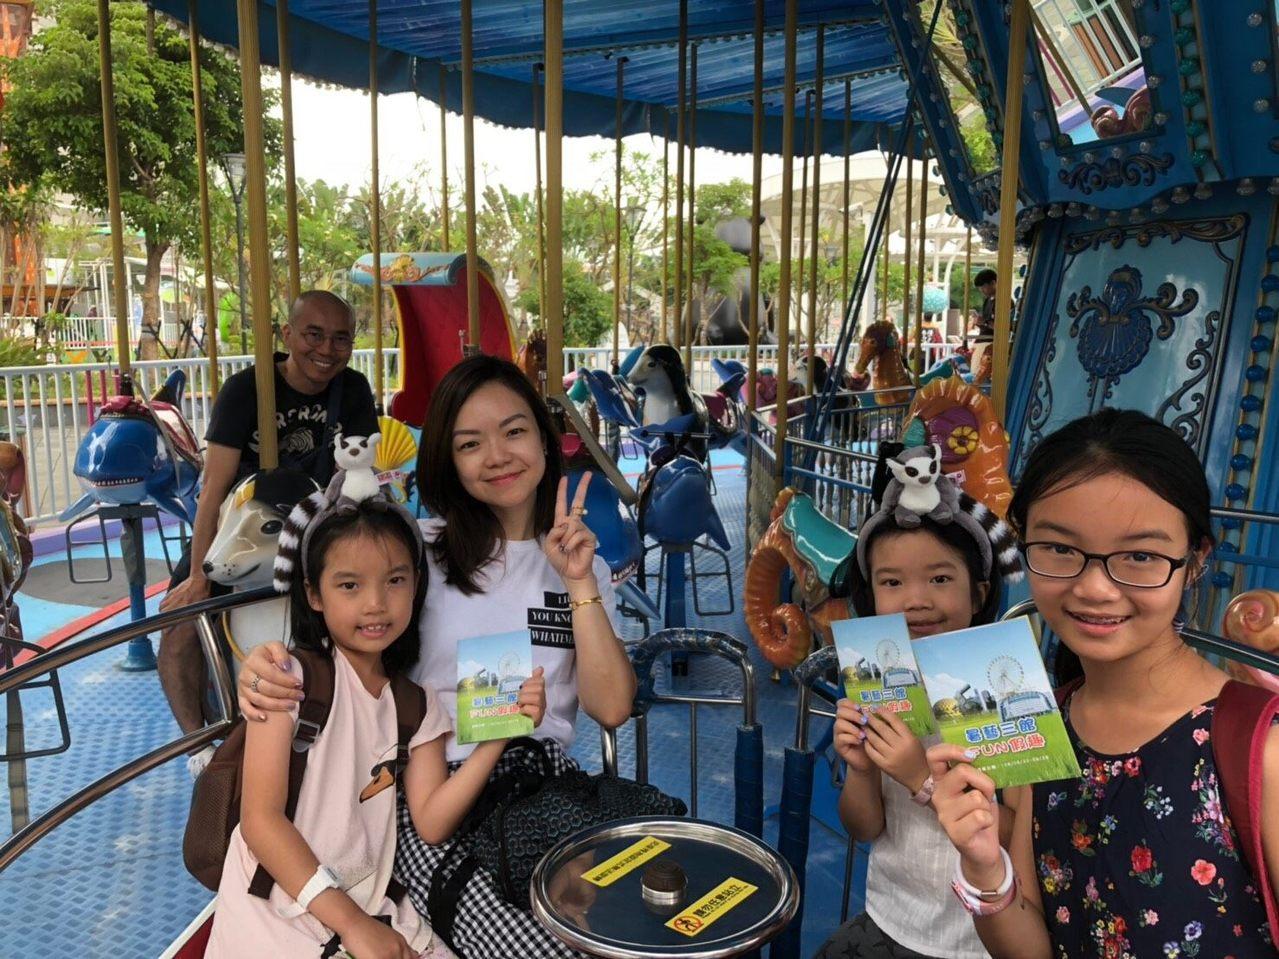 民眾持三館聯合護照暢玩豐富設施。圖/摘自臺北大眾捷運股份有限公司官網